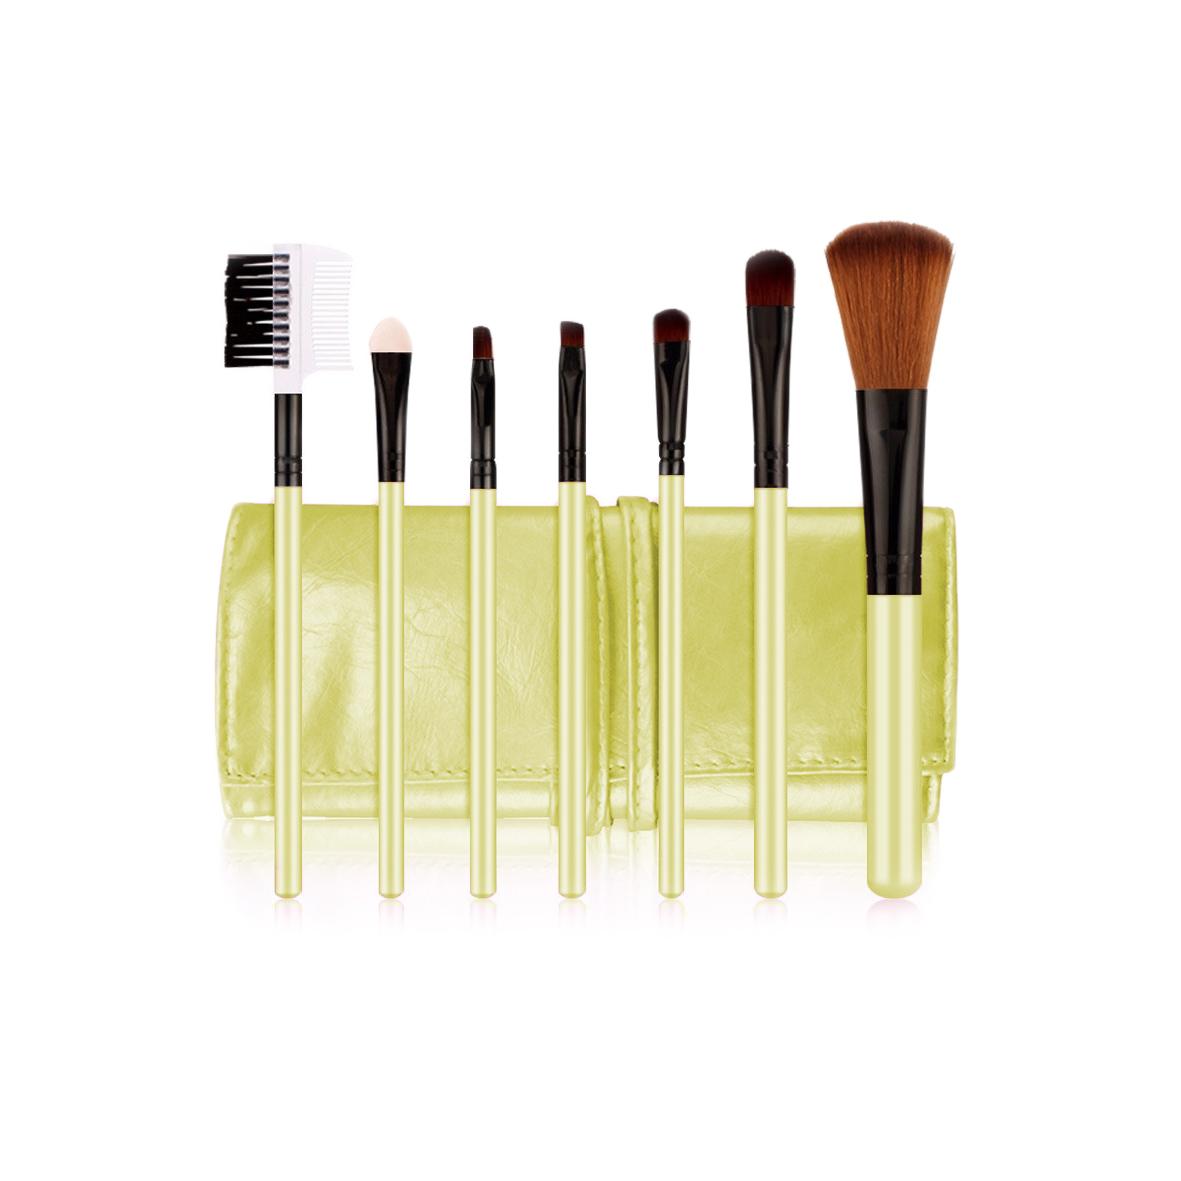 POSH Набор кистей для профессионального макияжа (волокно кинеколон), золотой кожаный чехол 7шт